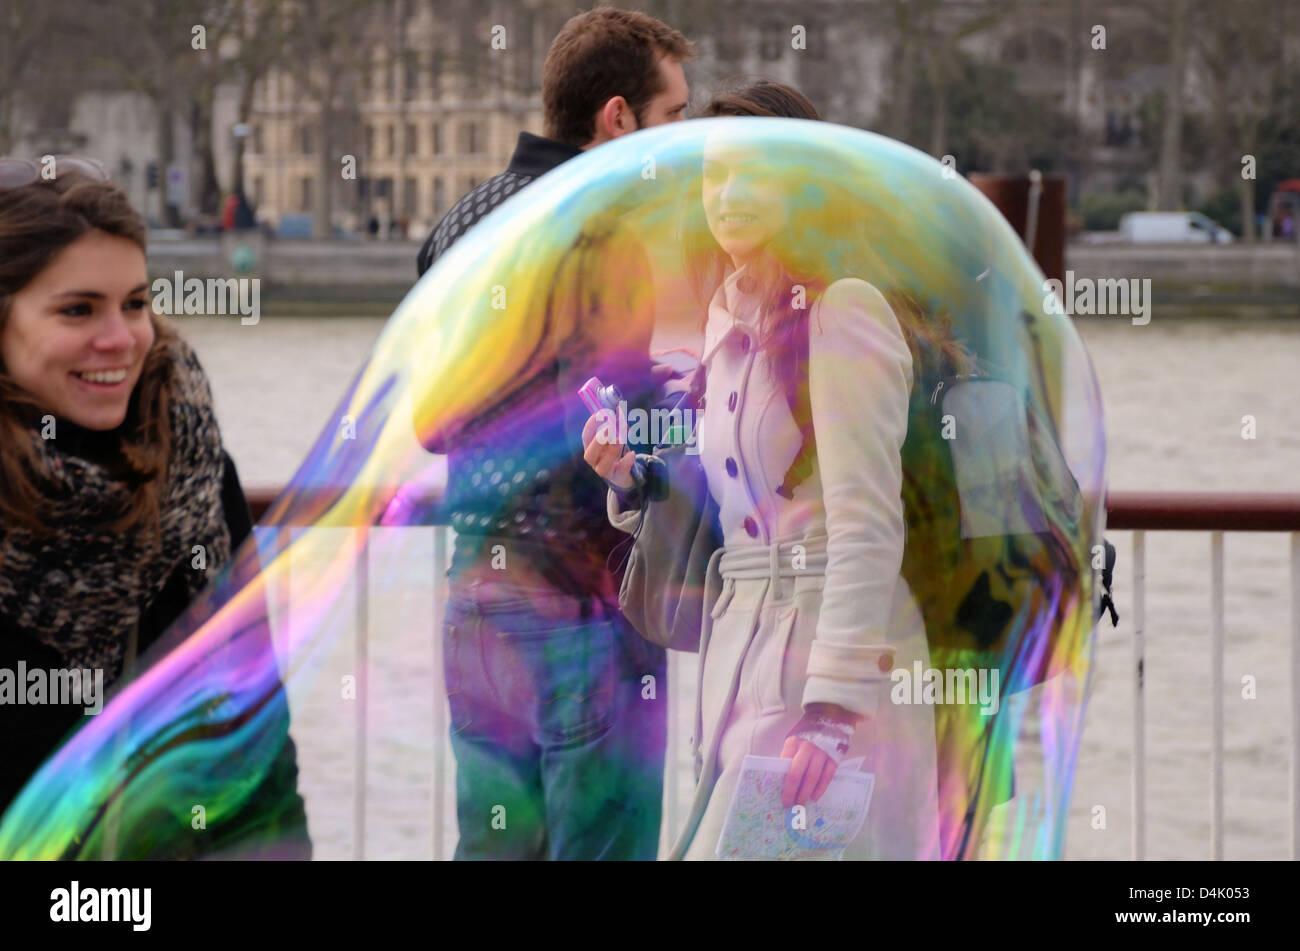 Una burbuja grande crea efectos alrededor de mujeres caminando por mientras otra niña mira felizmente Imagen De Stock